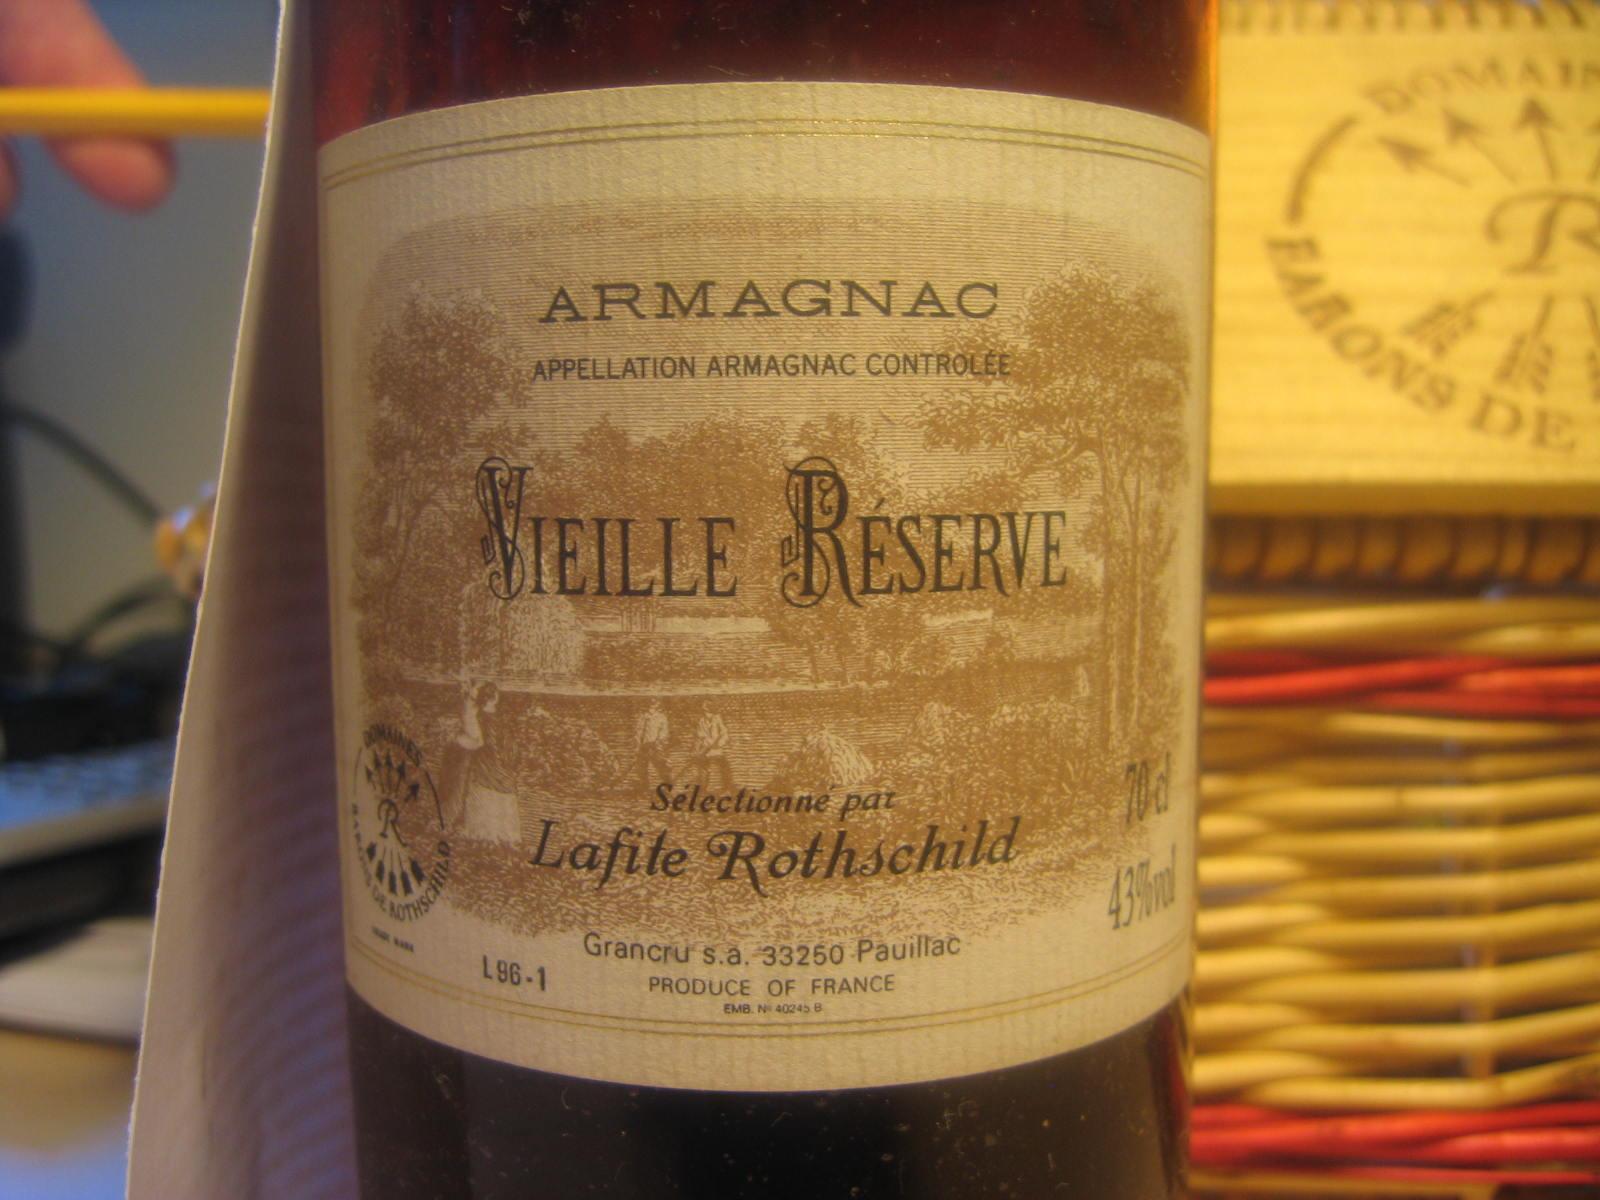 Lafite Rothschild Très Vieille Réserve 1996 Armagnac